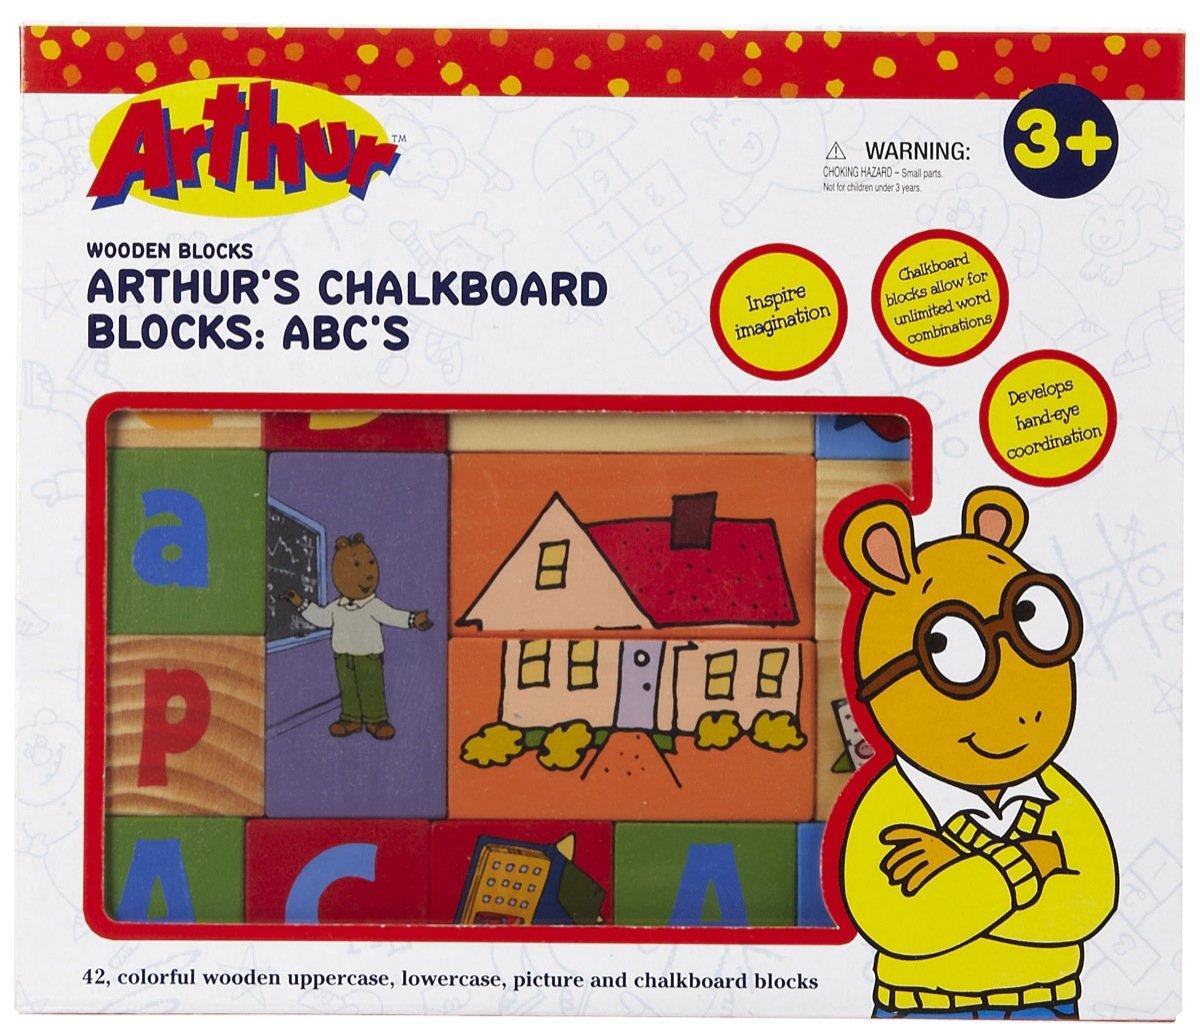 Arthur's Chalkboard Blocks